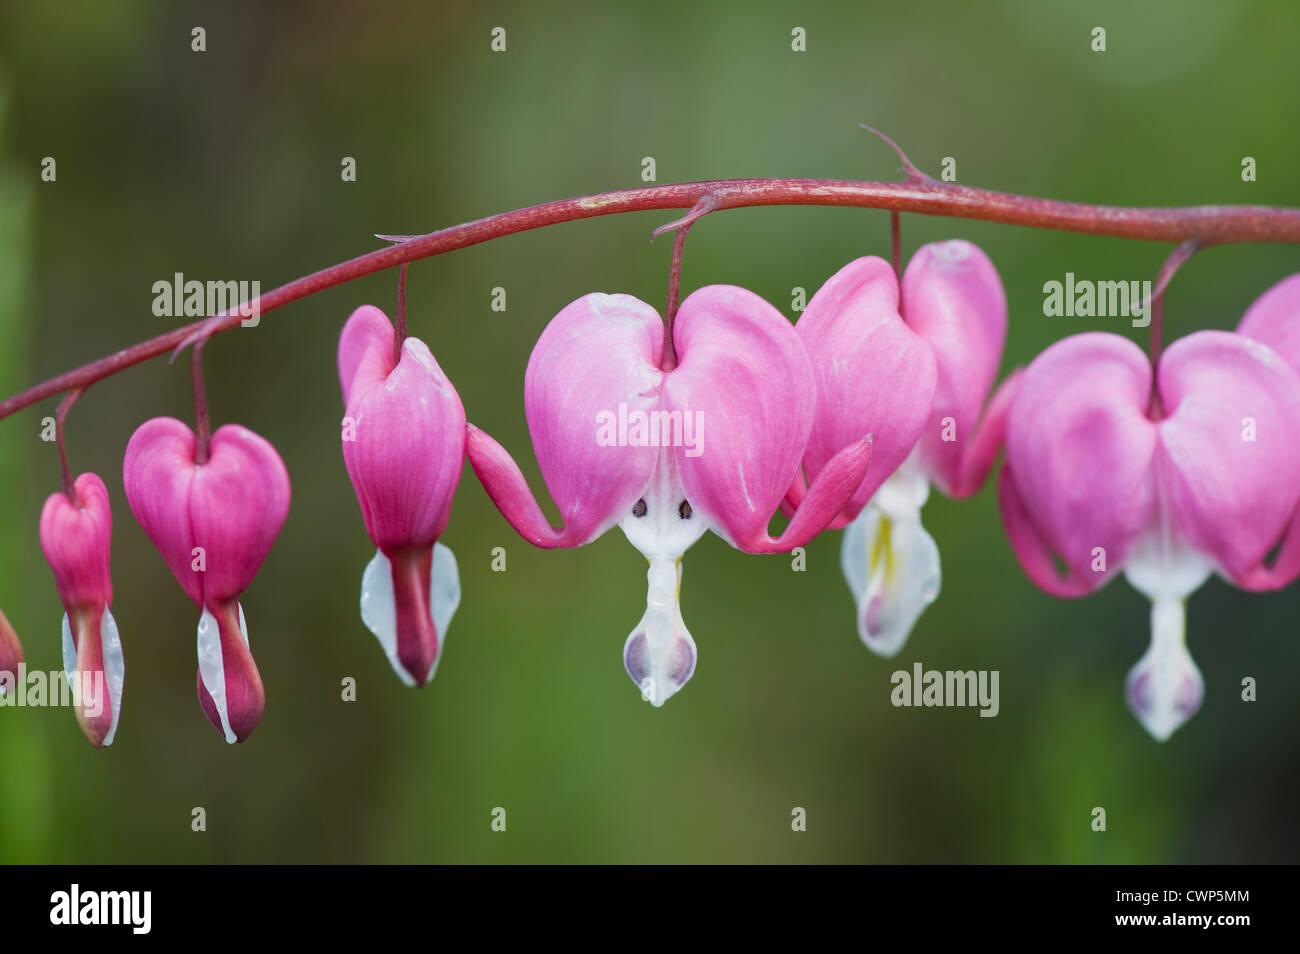 Bleeding heart flowers - Stock Image